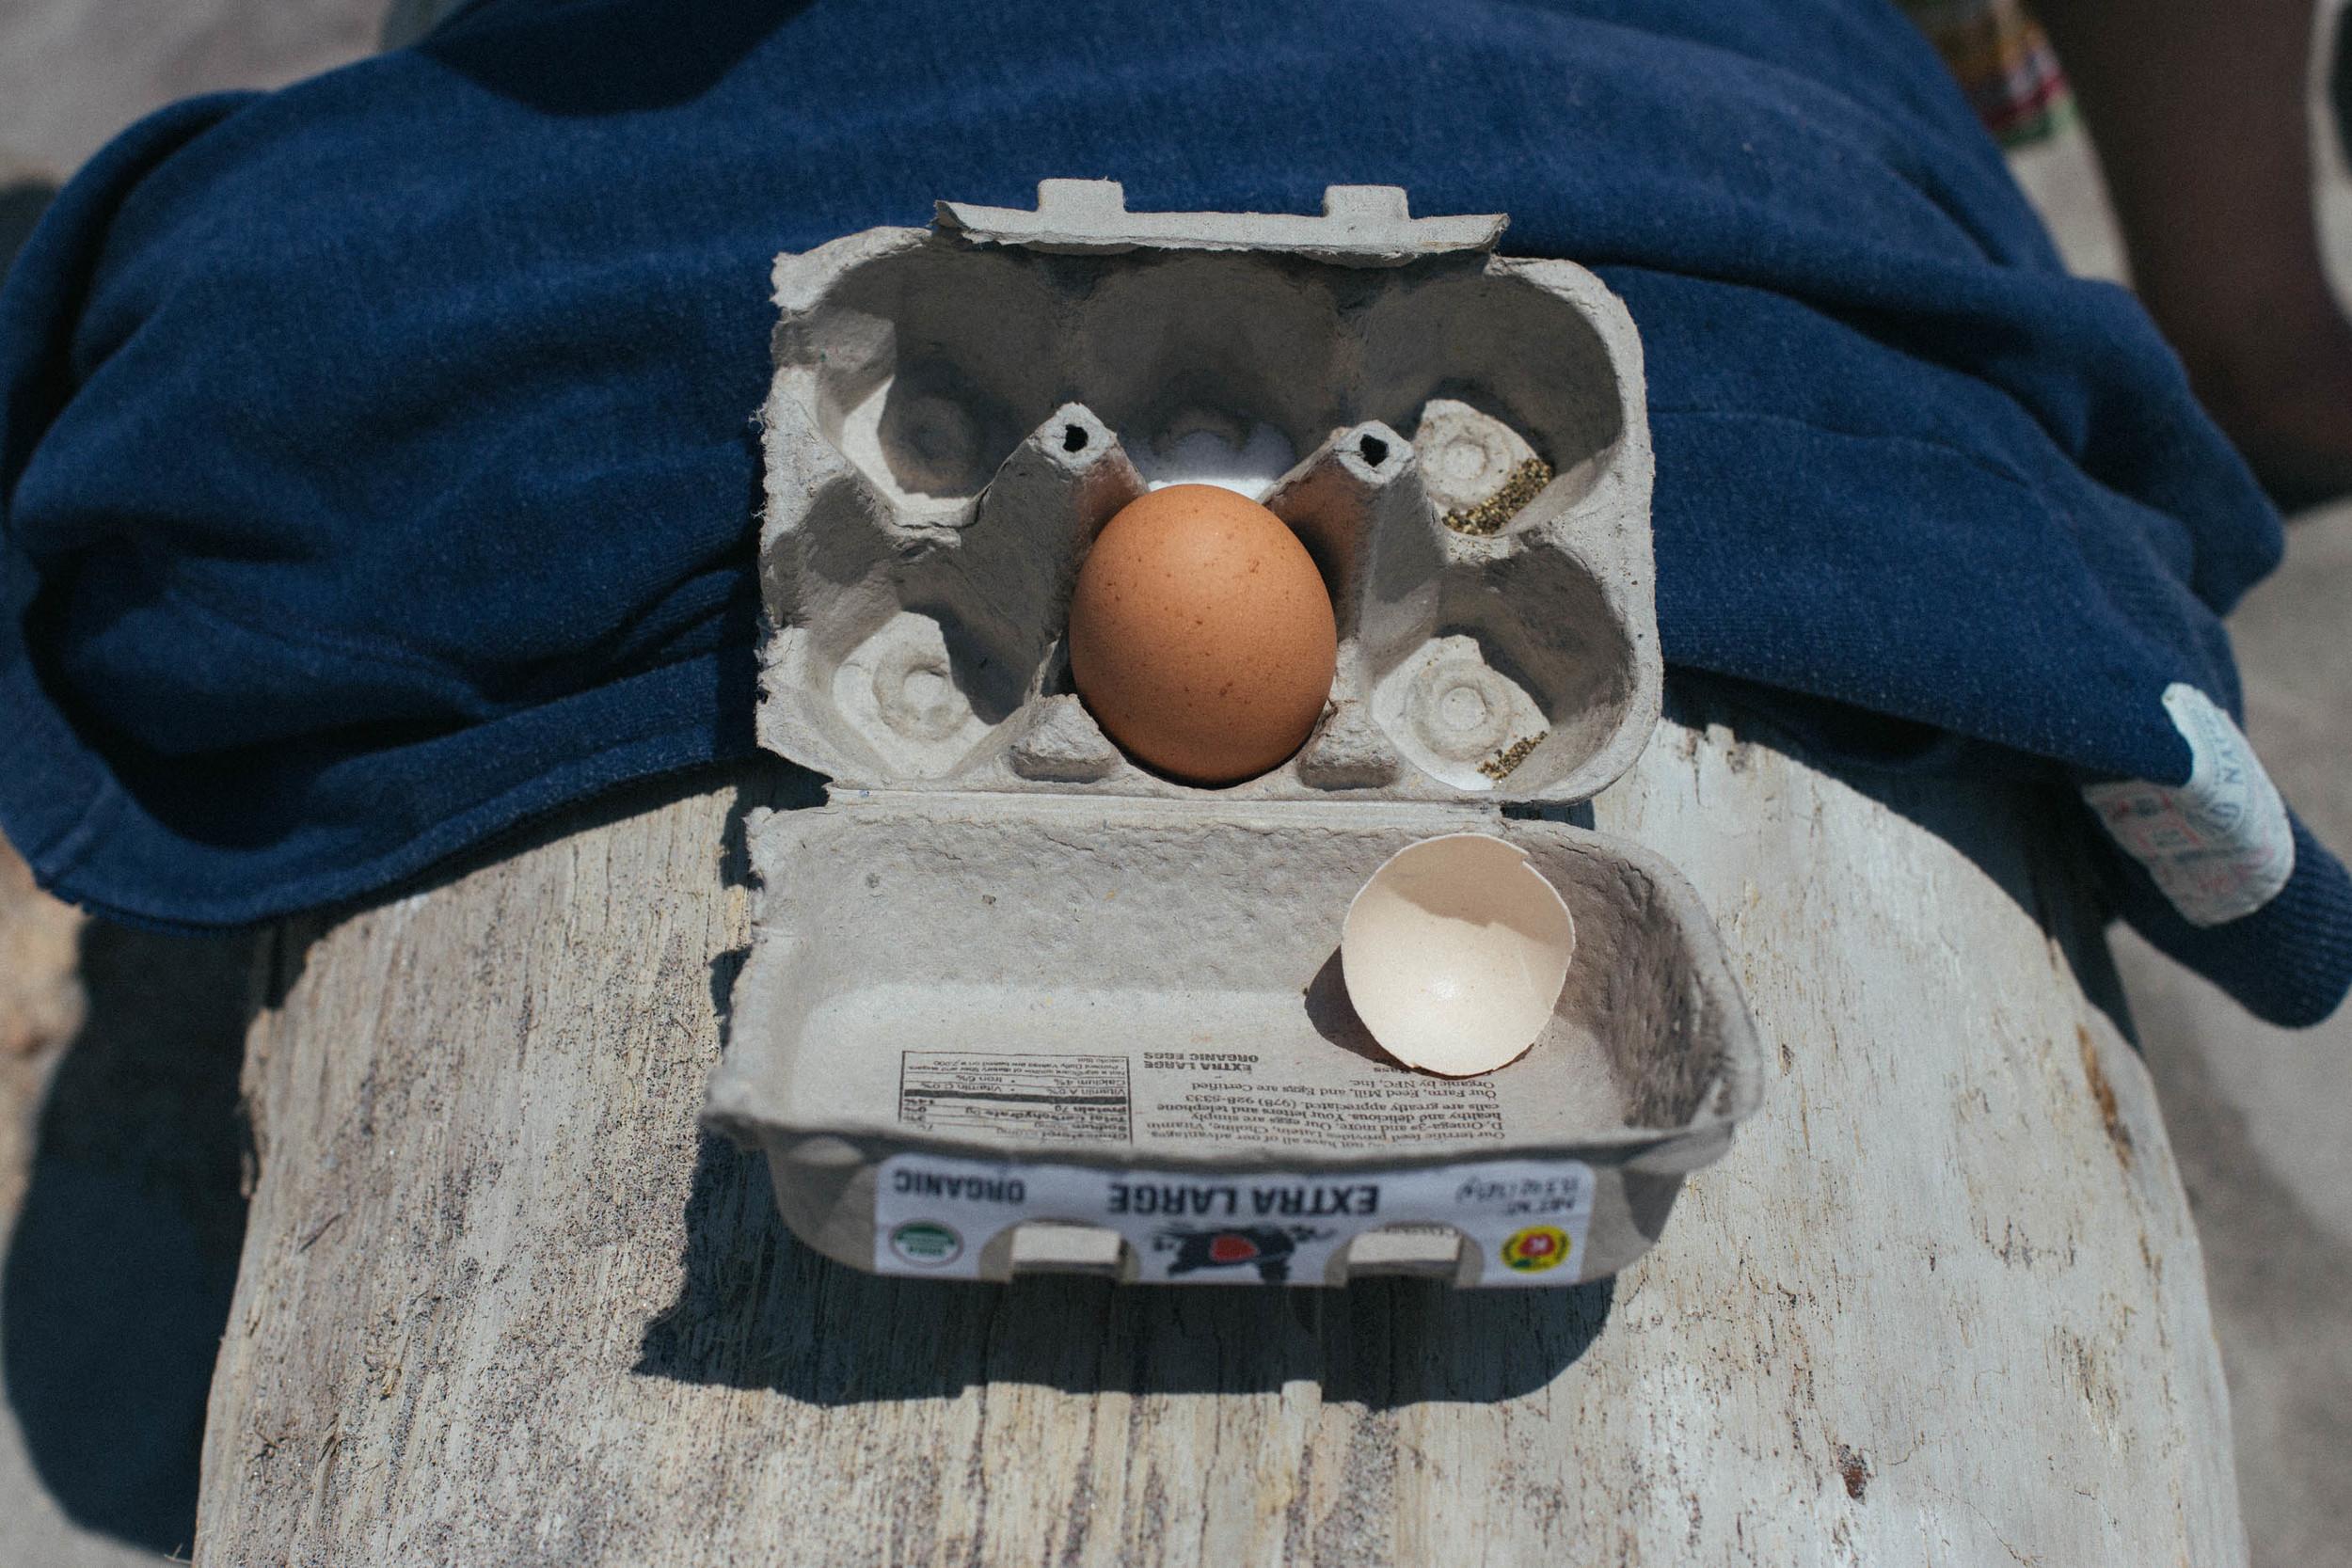 Hard-boiled egg beach transportation kit.